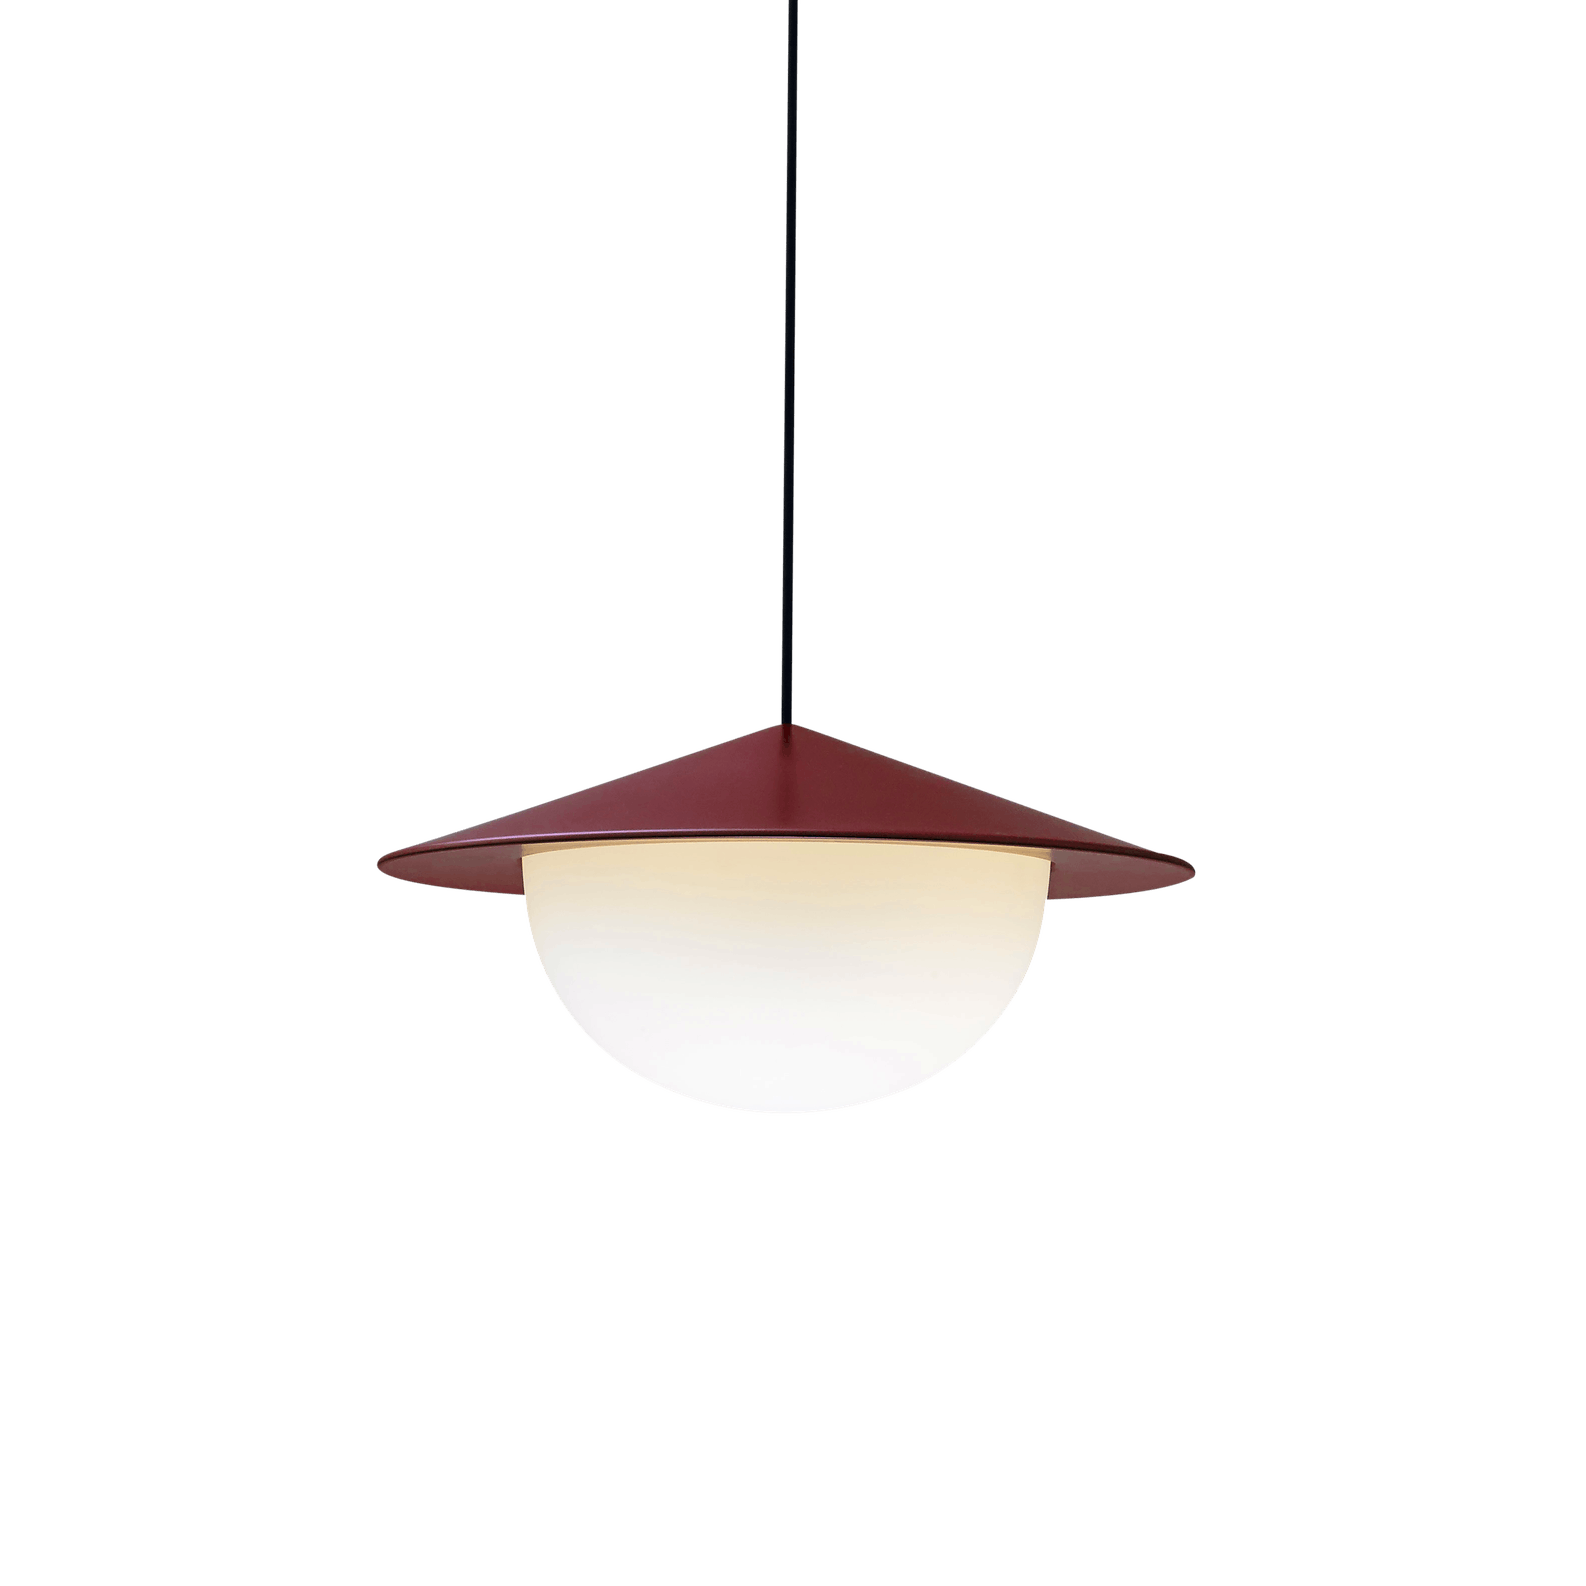 Ago lighting alley pendant red below haute living